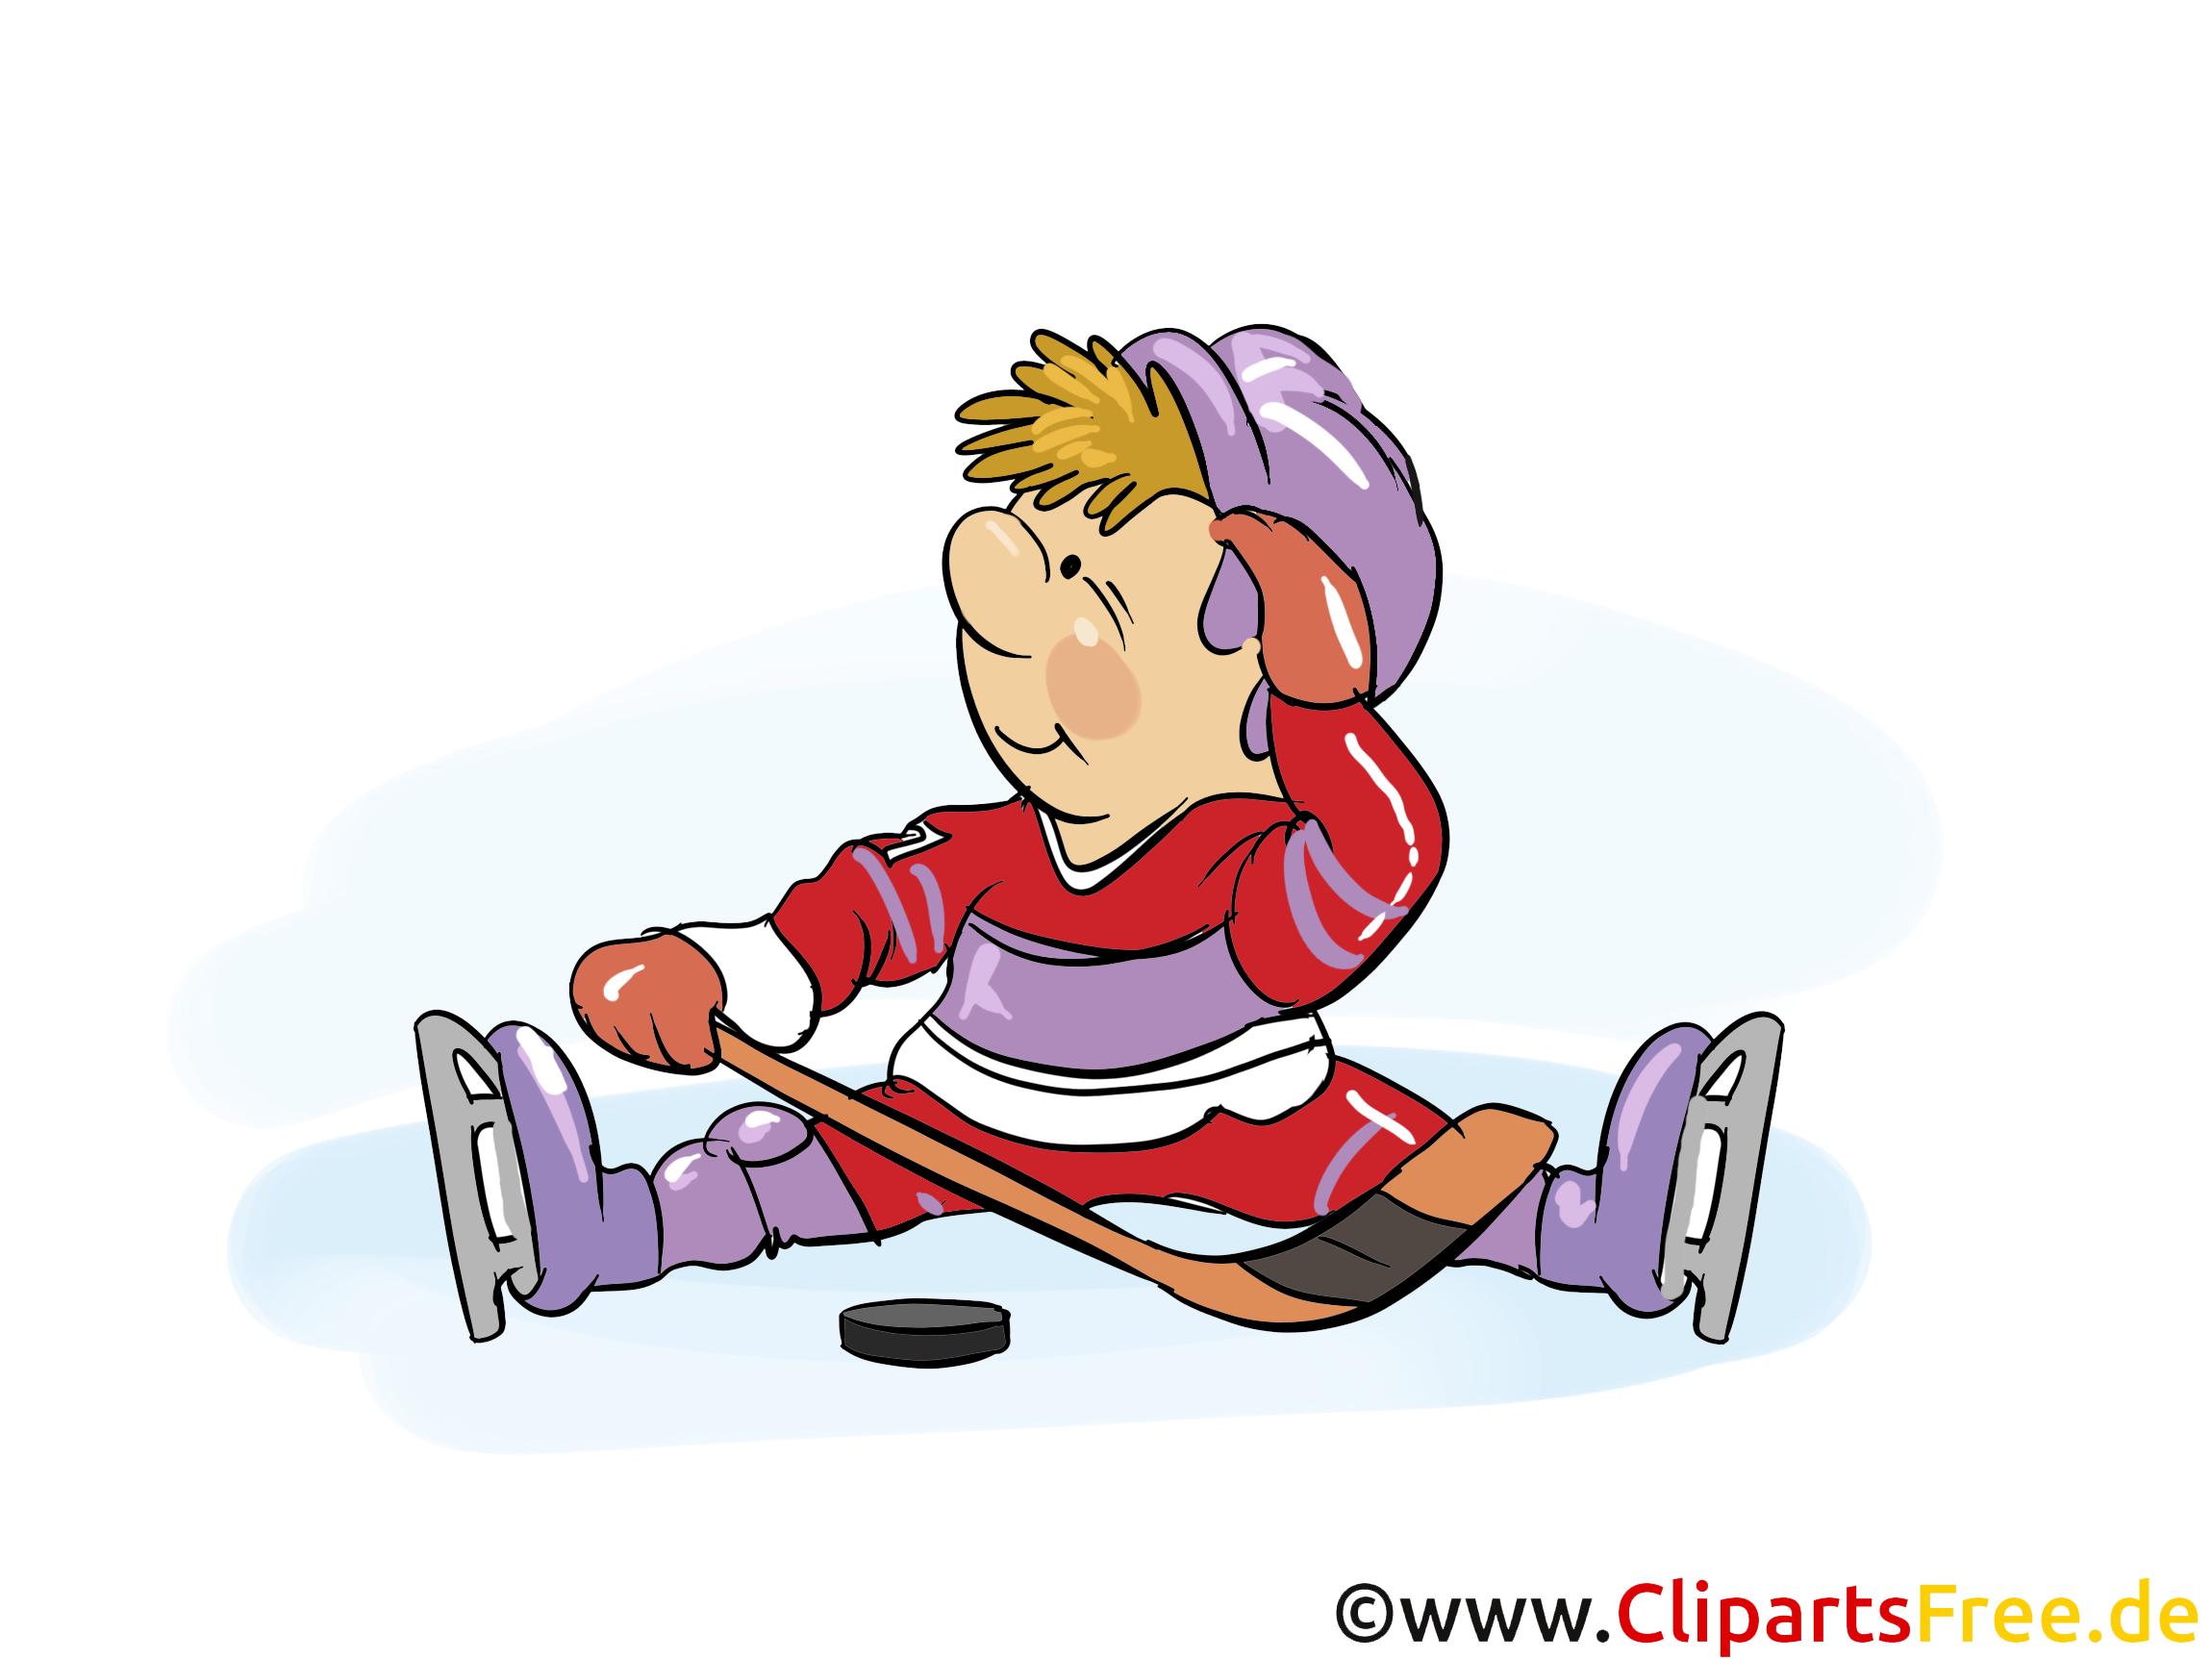 Enfant image à télécharger - Hockey clipart